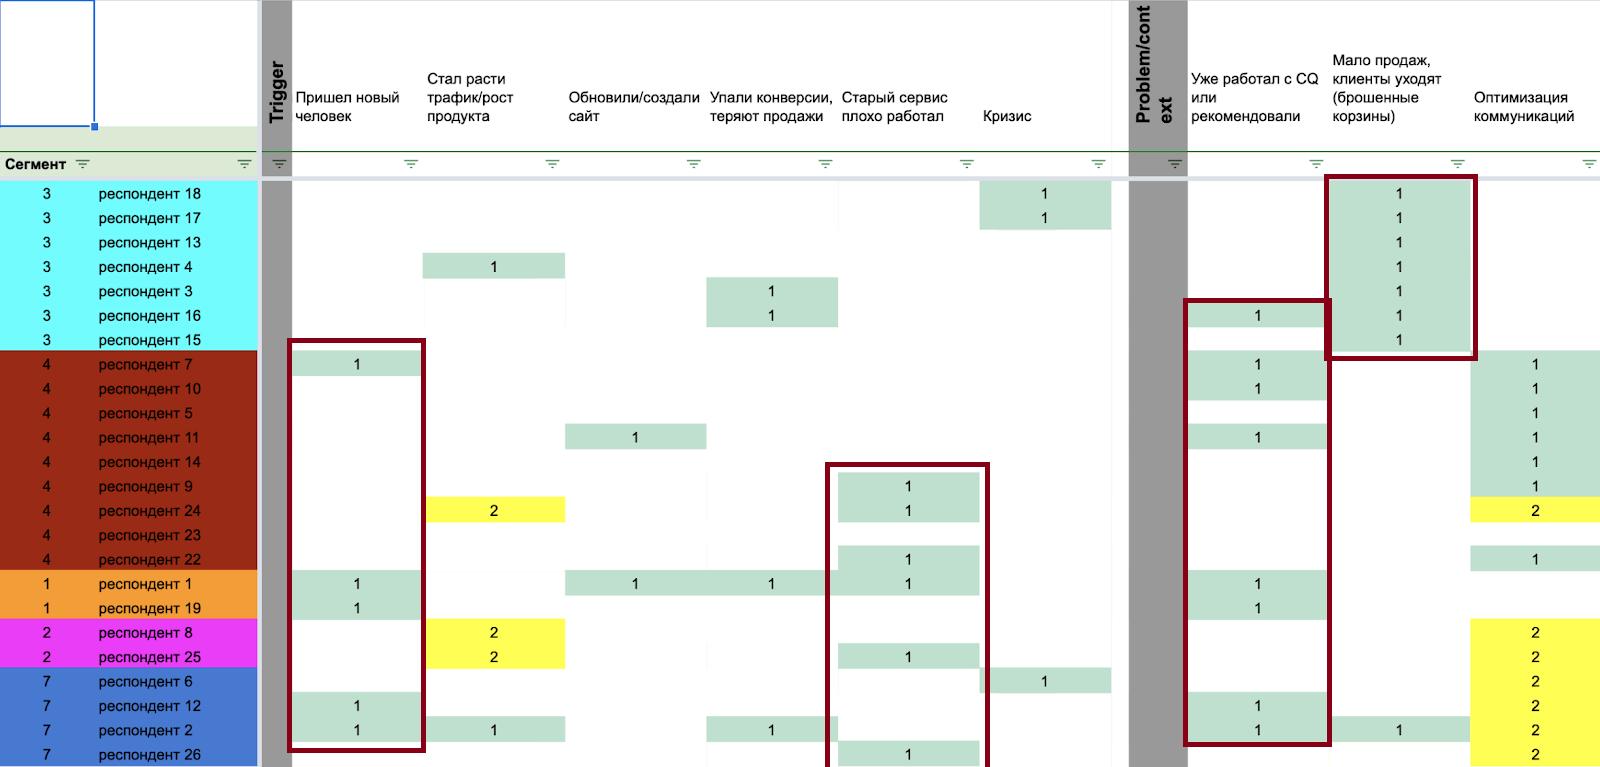 таблица ответов респондентов для портретов buyer-персон